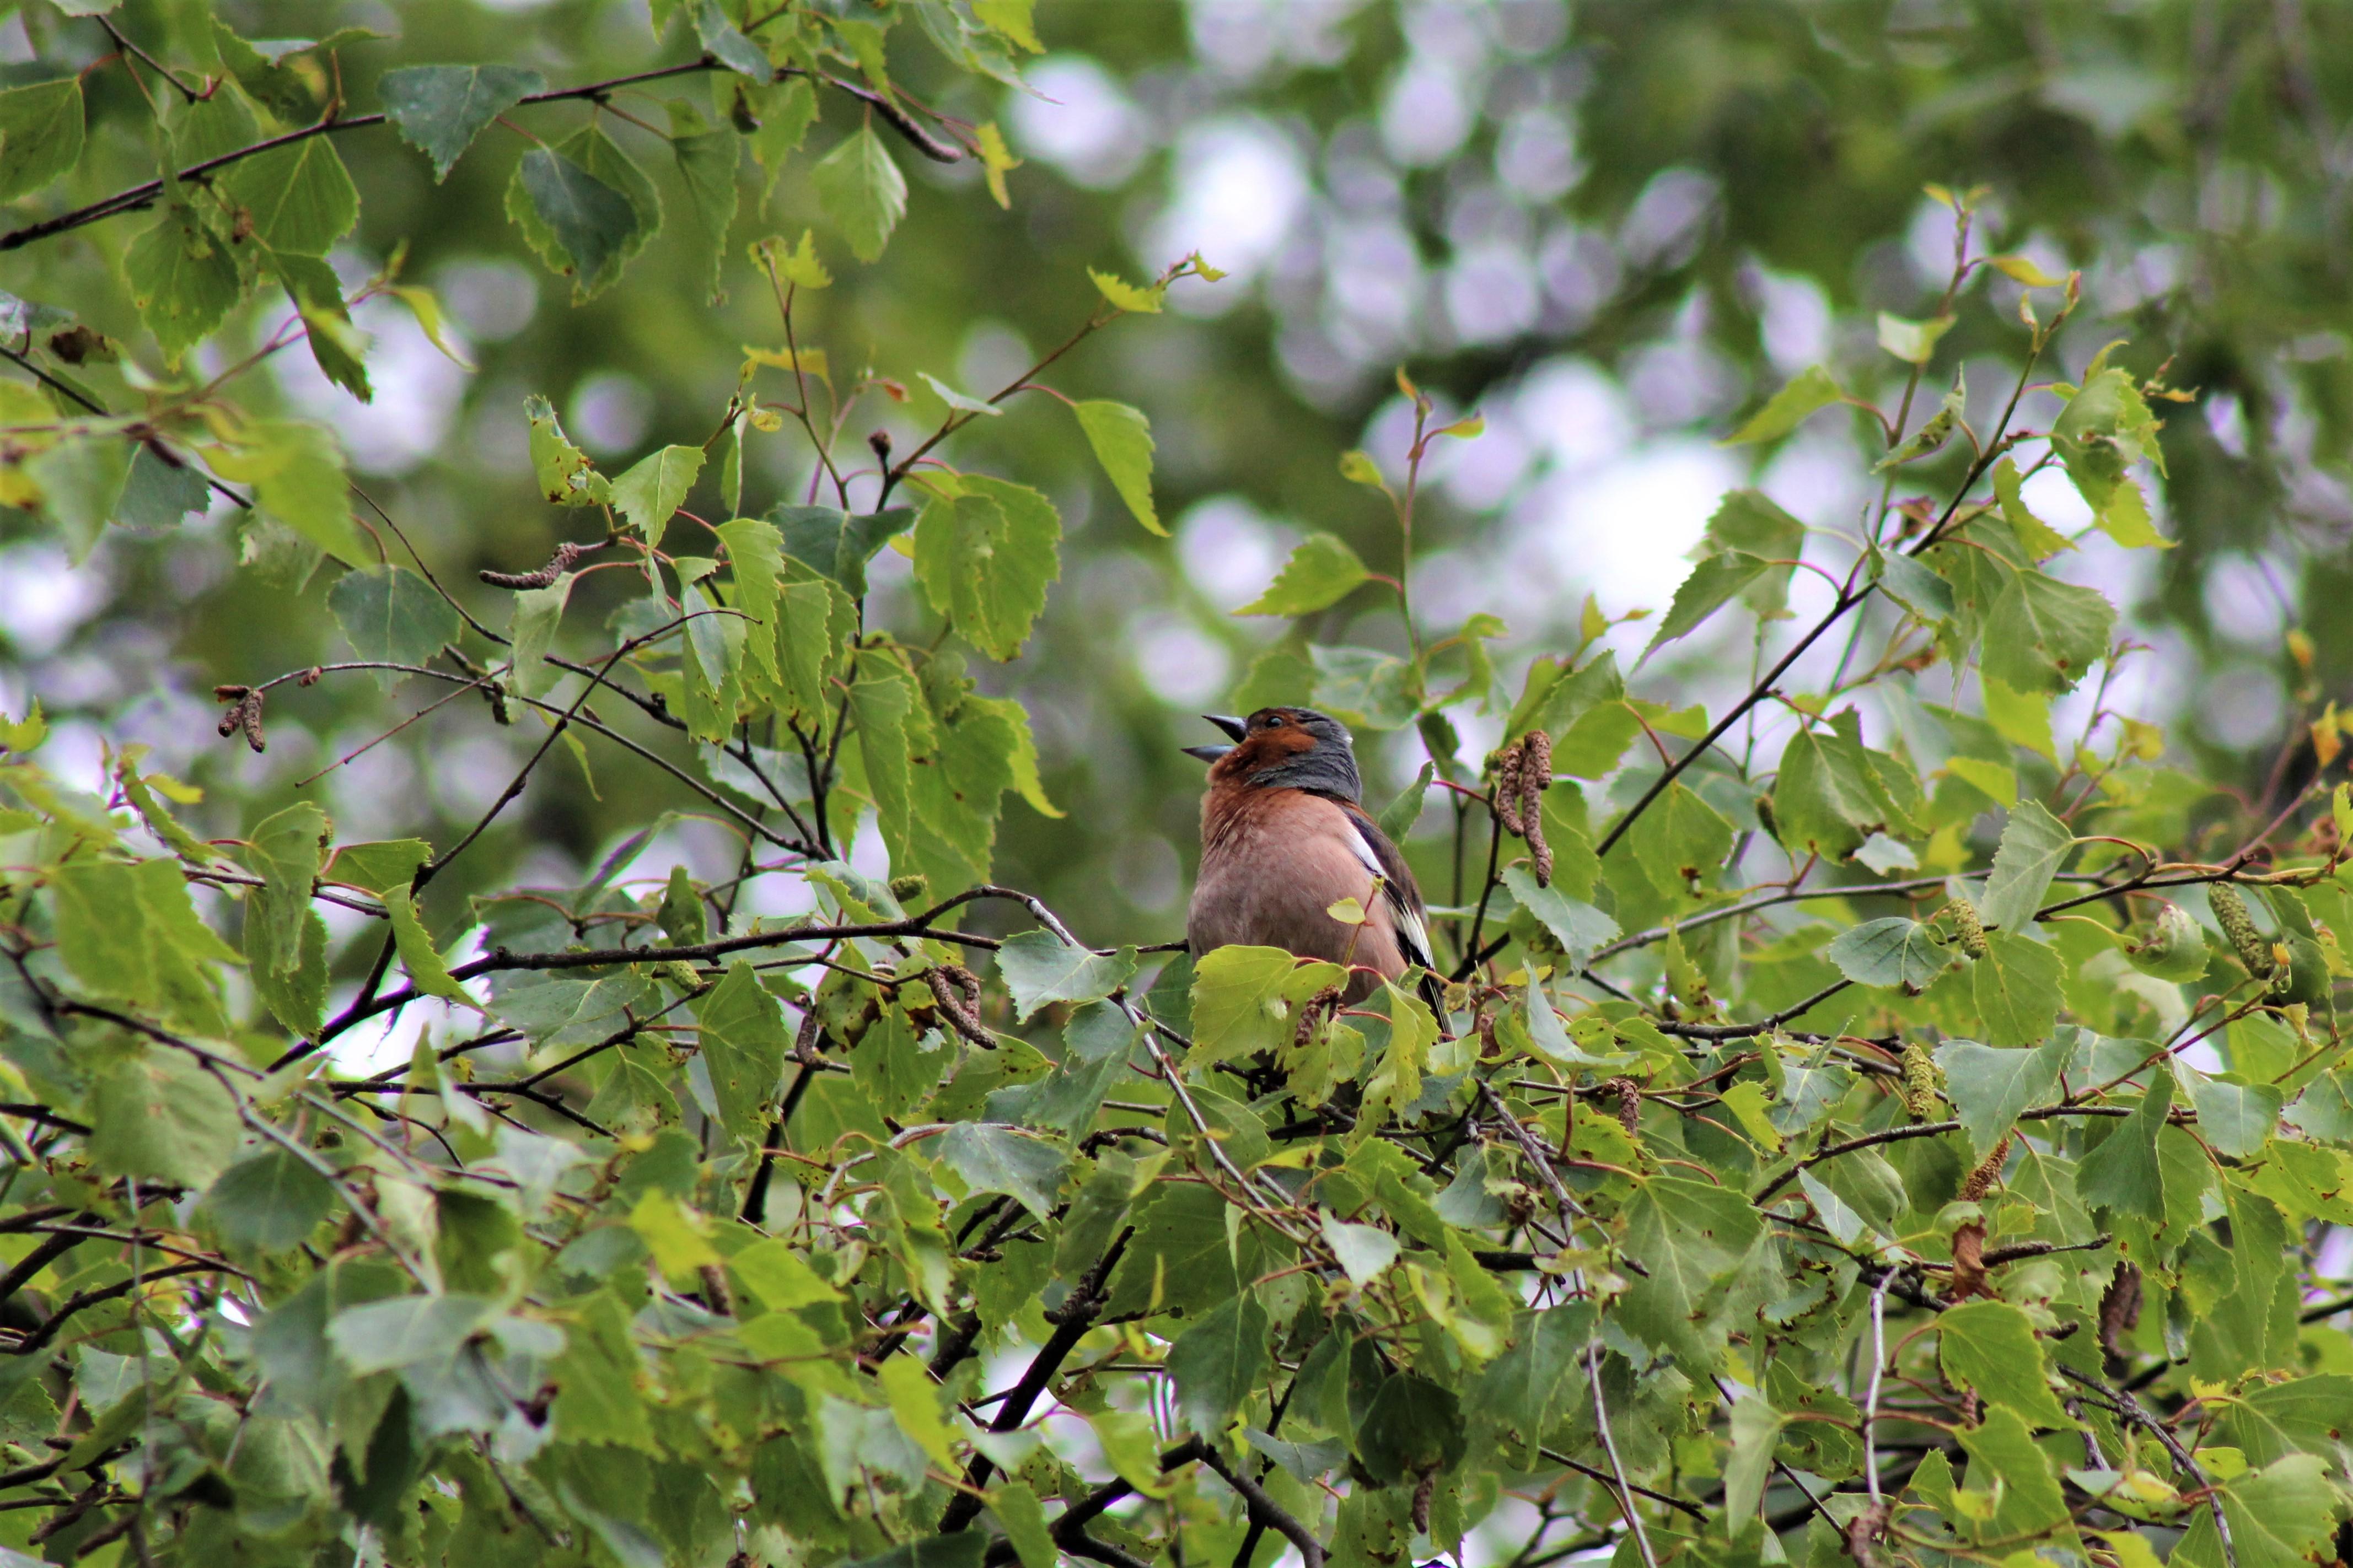 Lindude arvukuse mõjutajaid peab täpsemalt uurima